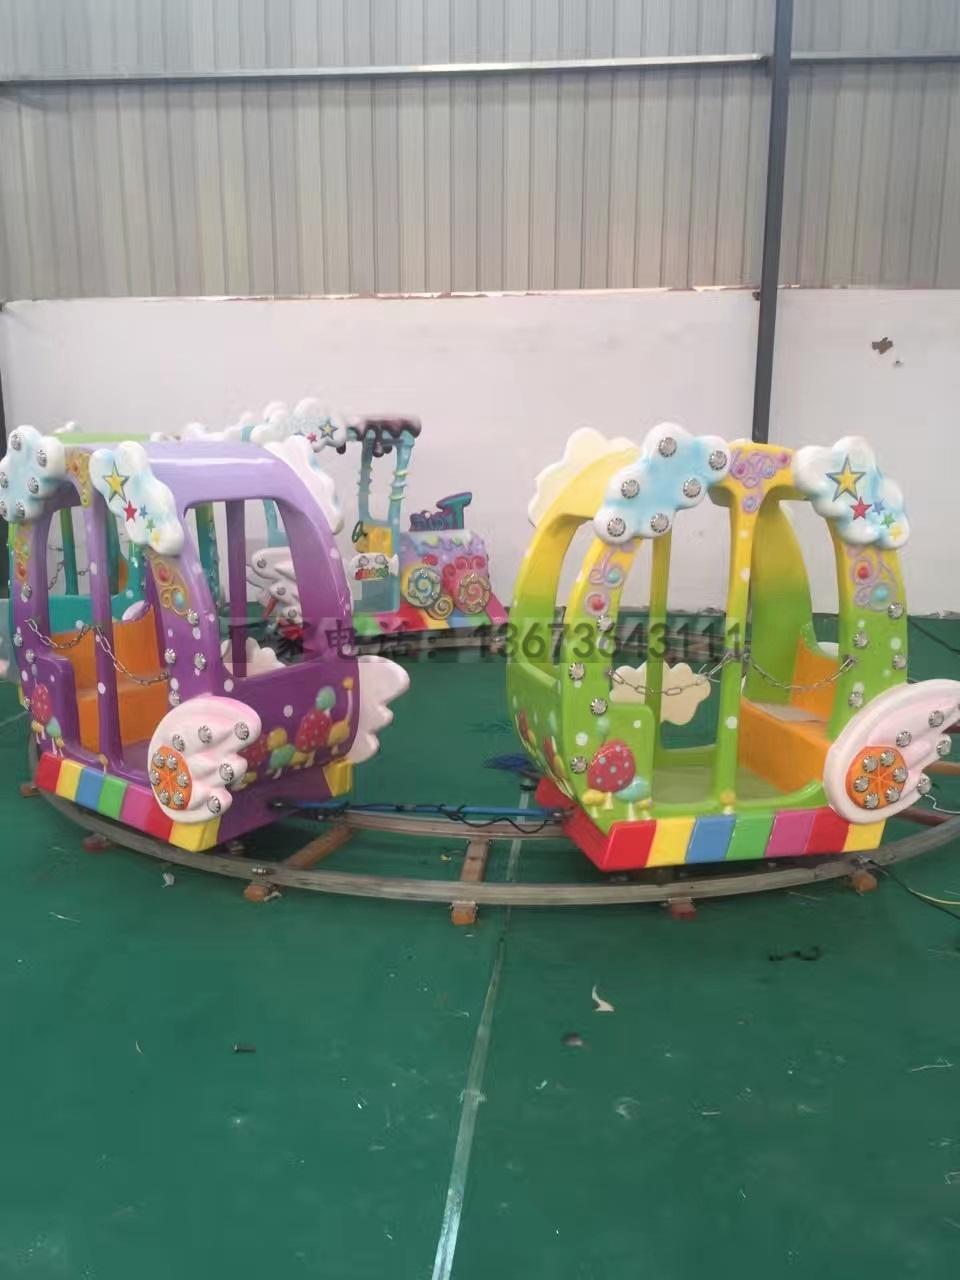 儿童游乐设备桑巴气球 厂家直销 郑州大洋8臂桑巴气球公园游乐示例图48